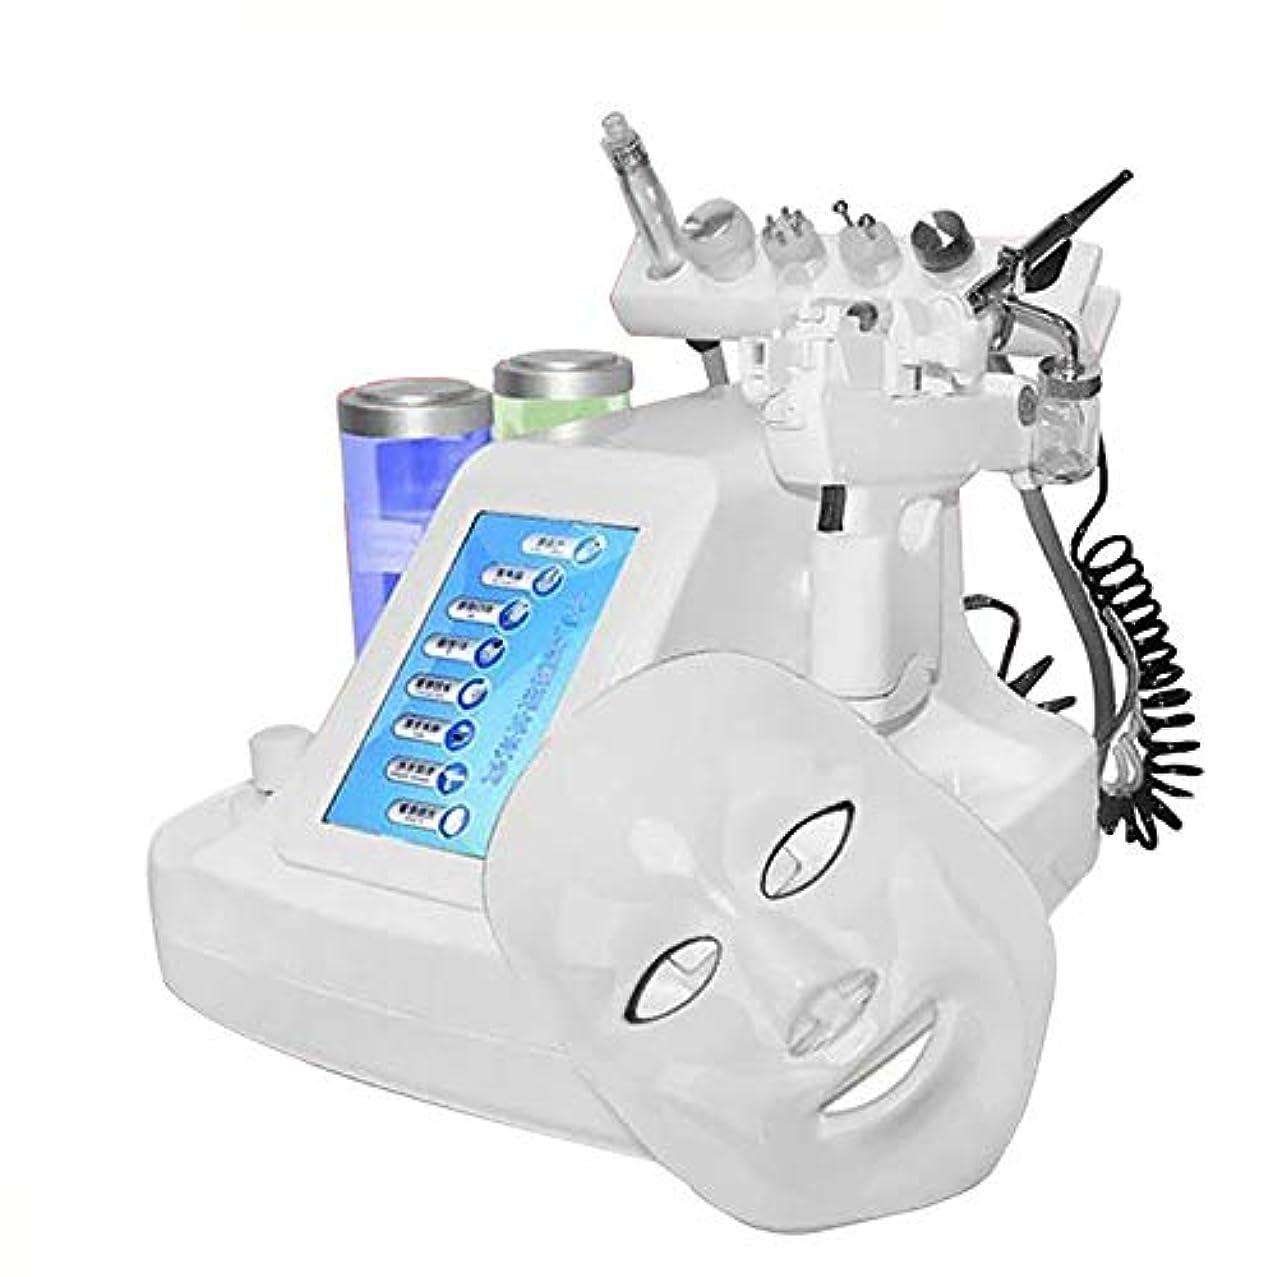 論争的前文時間厳守1台の水の酸素マシン、水ハイドロ皮膚剥離?フェイシャルスプレー保湿若返りスキン機で8